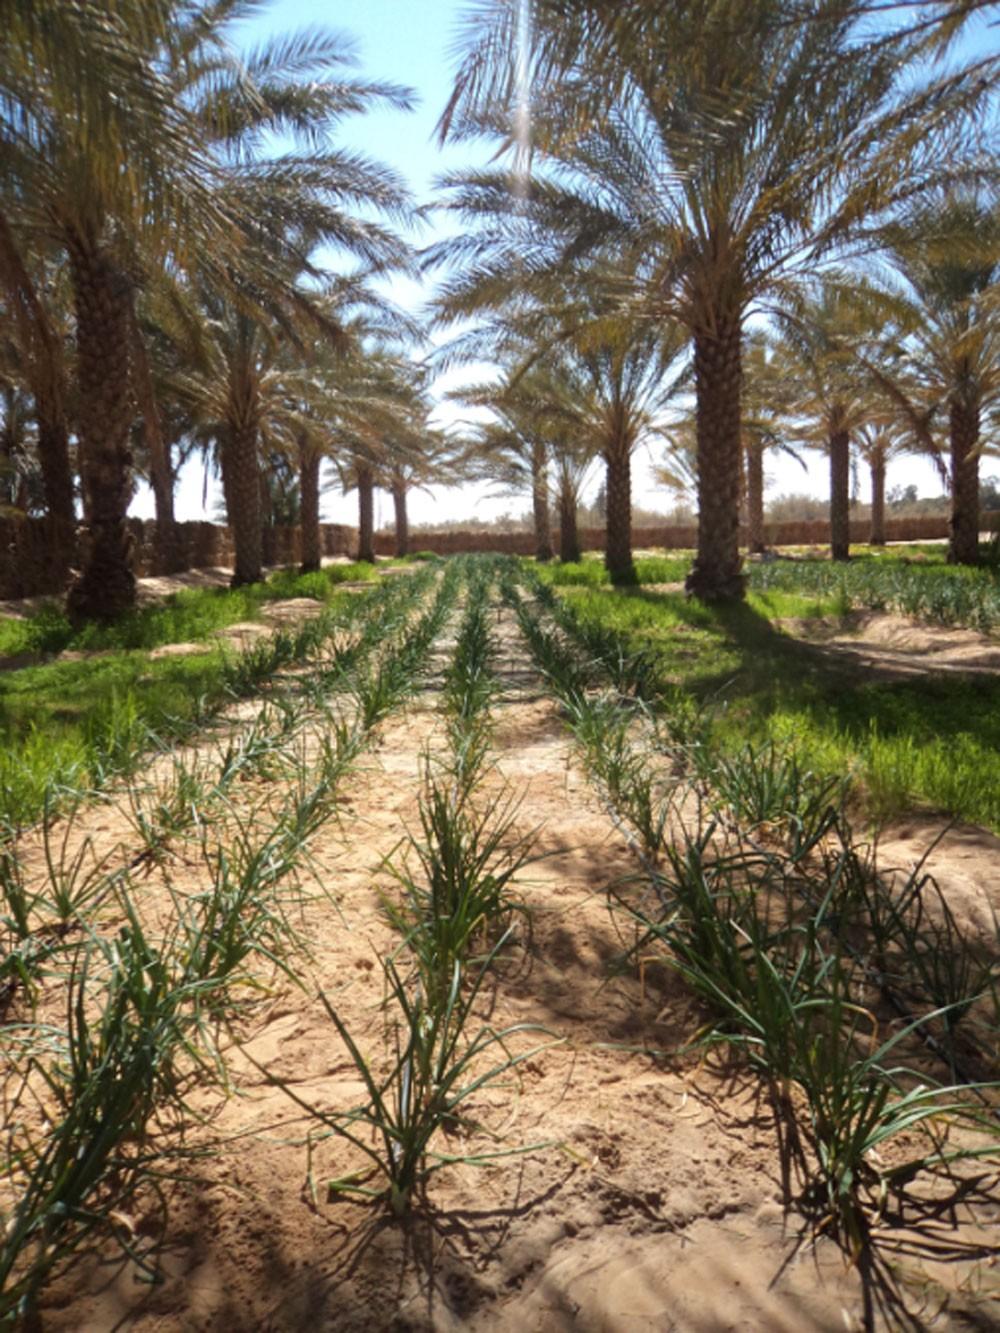 هيئة الثقافة تنظّم جولة إلى مزارع النخيل المحيط بموقع قلعة البحرين